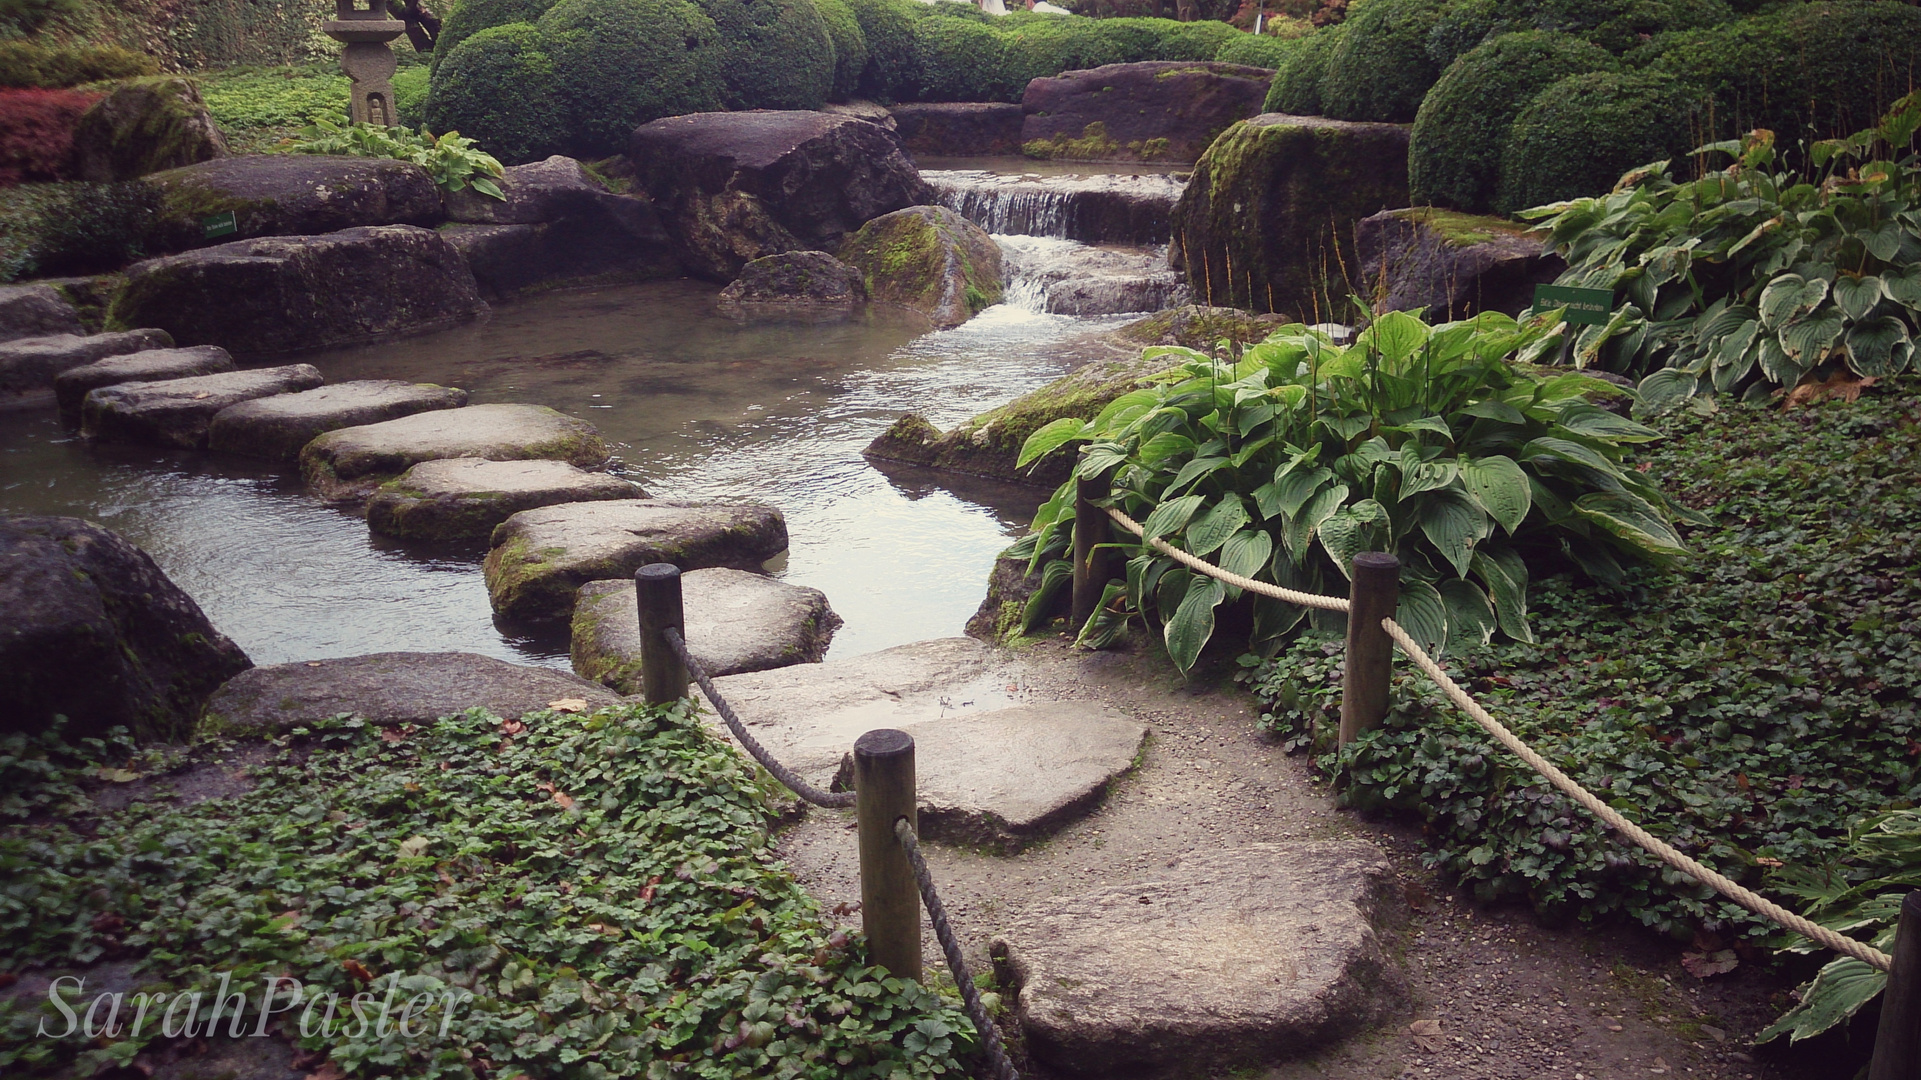 Japanischer Garten Augsburg Foto Bild Landschaft Bach Fluss